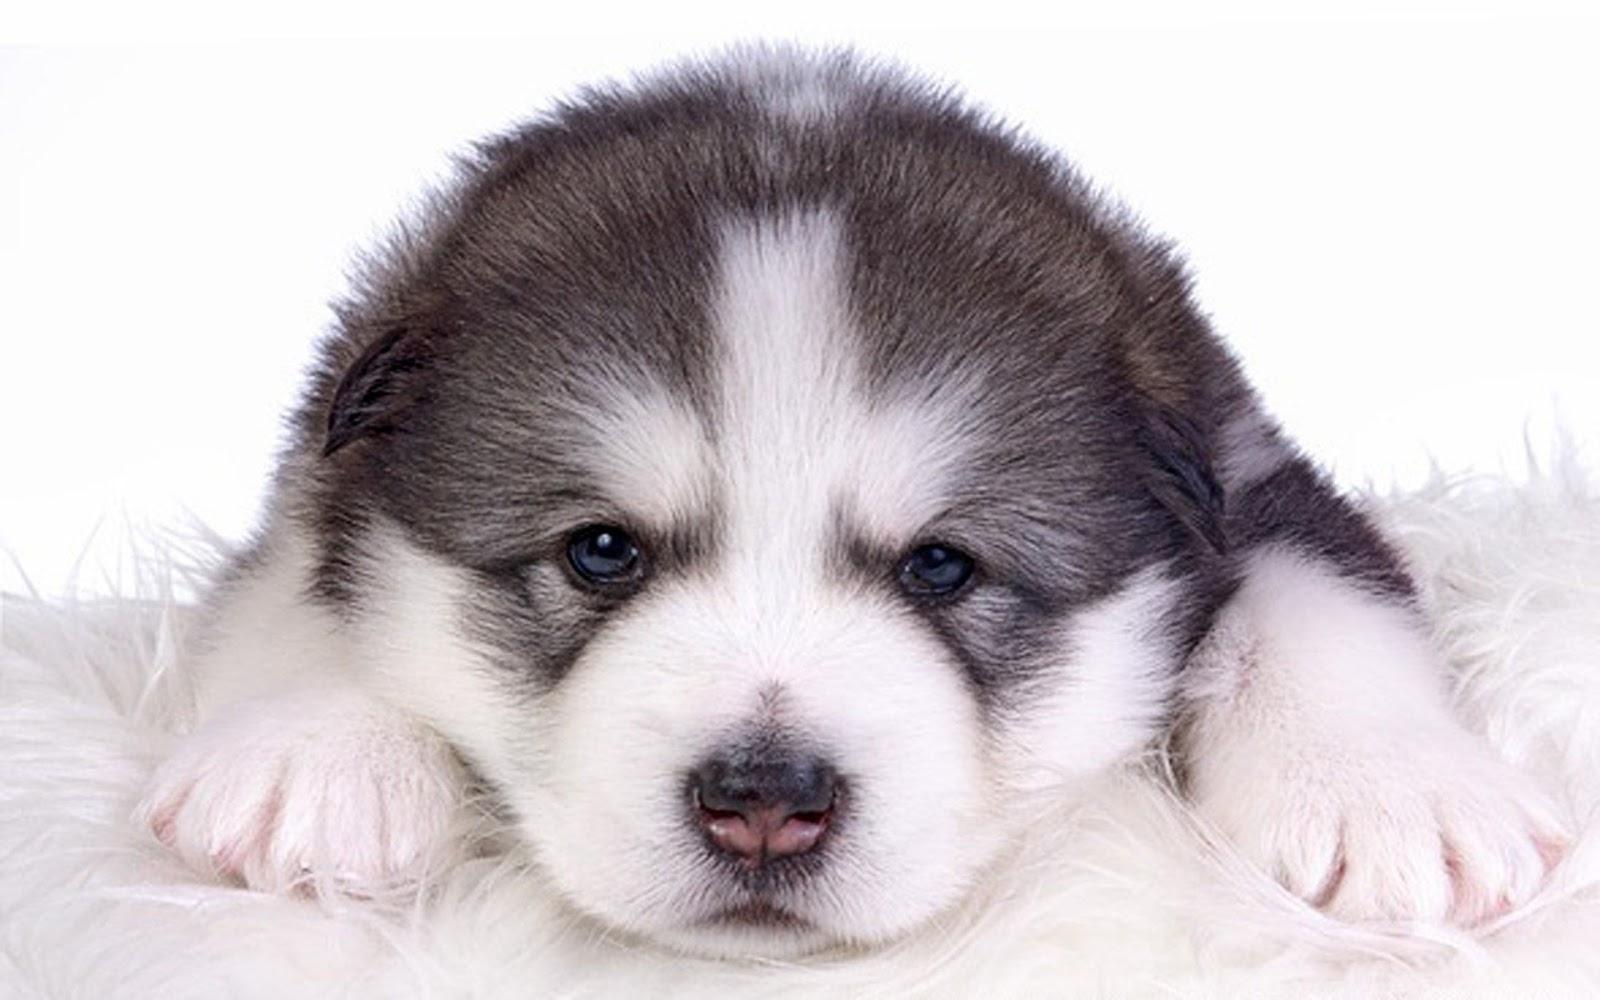 Perros Husky Siberiano Fondos De Pantalla Hd De Animales 2: Fondo De Pantalla Perros 1920x1080